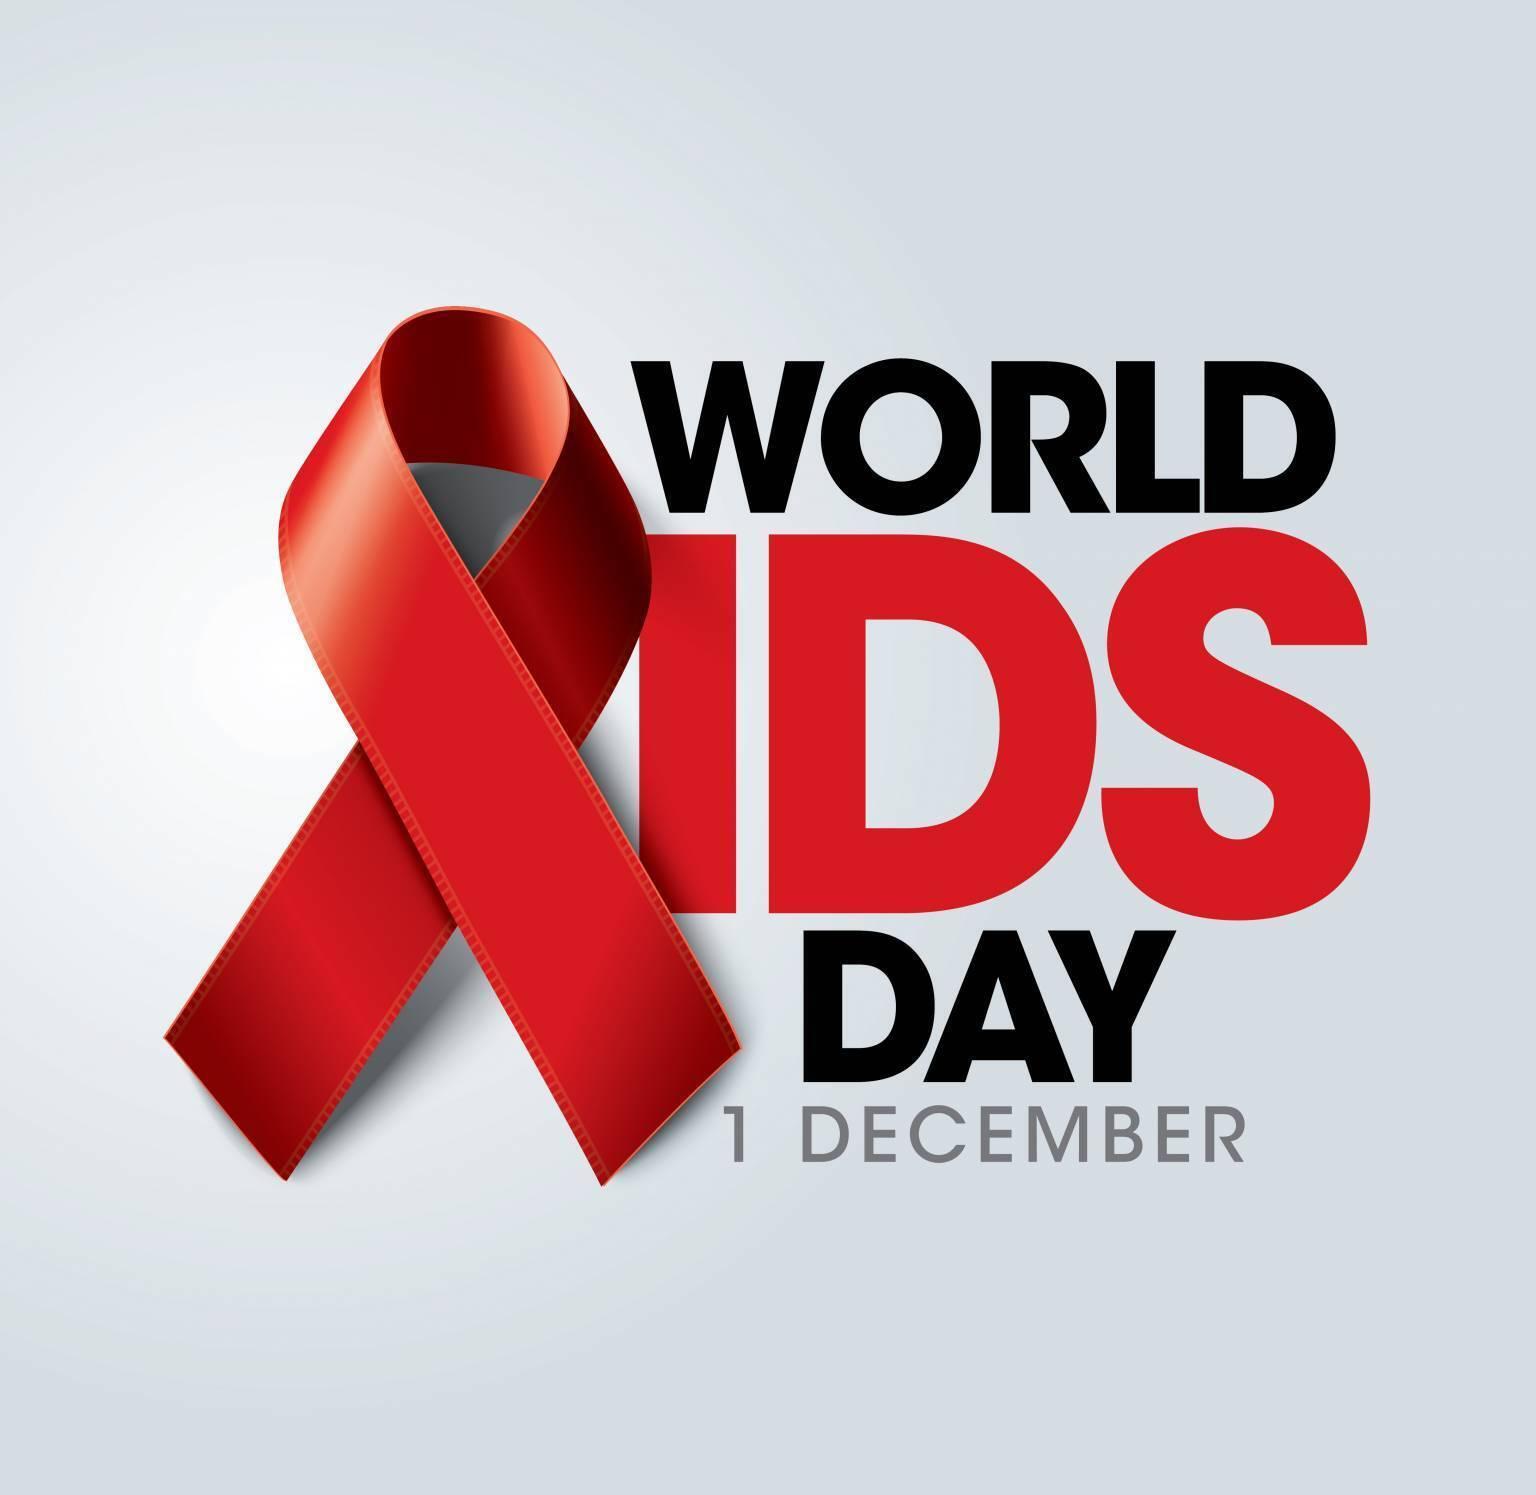 Всесвітній день боротьби зі СНІДом було проголошено ВООЗ в 1988 році